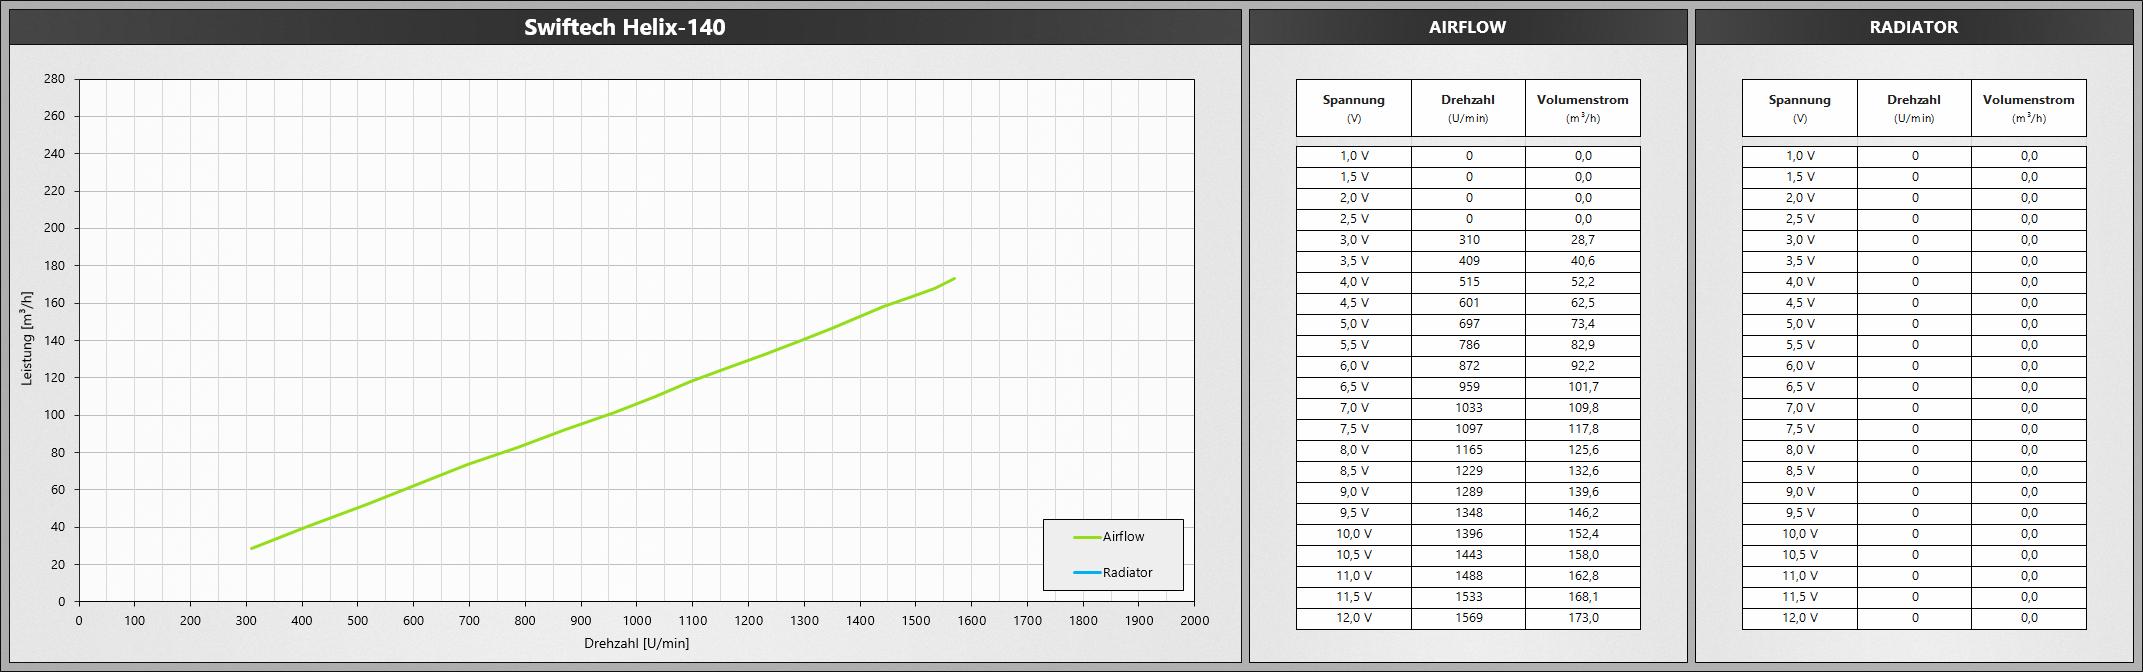 Klicken Sie auf die Grafik für eine größere Ansicht  Name:SwiftechHelix140.png Hits:646 Größe:469,6 KB ID:1074788